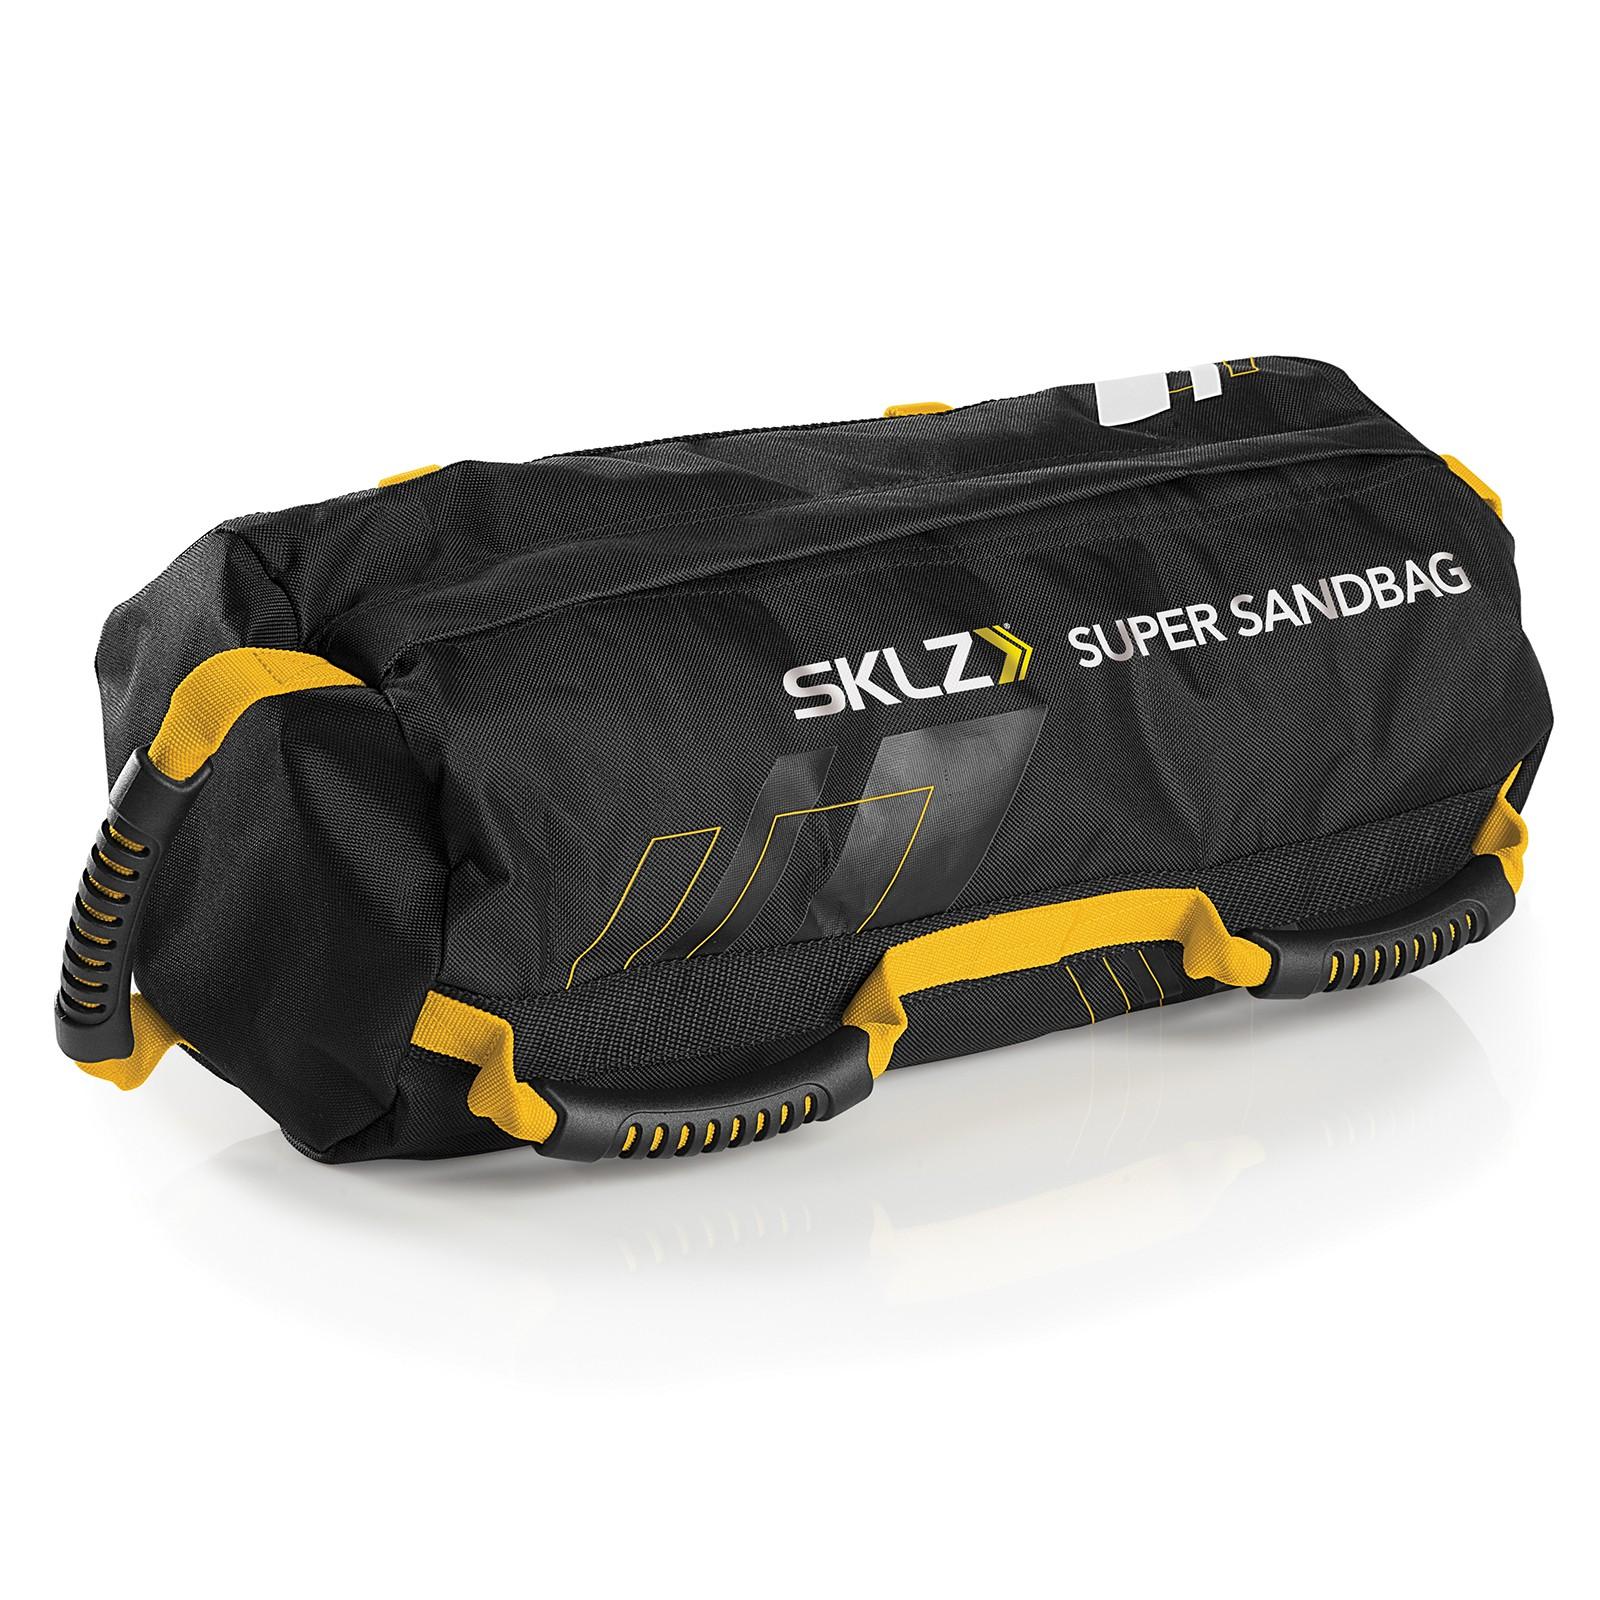 sac de sable sklz super sandbag acheter bon prix chez n 1 en europe pour le fitness domicile. Black Bedroom Furniture Sets. Home Design Ideas